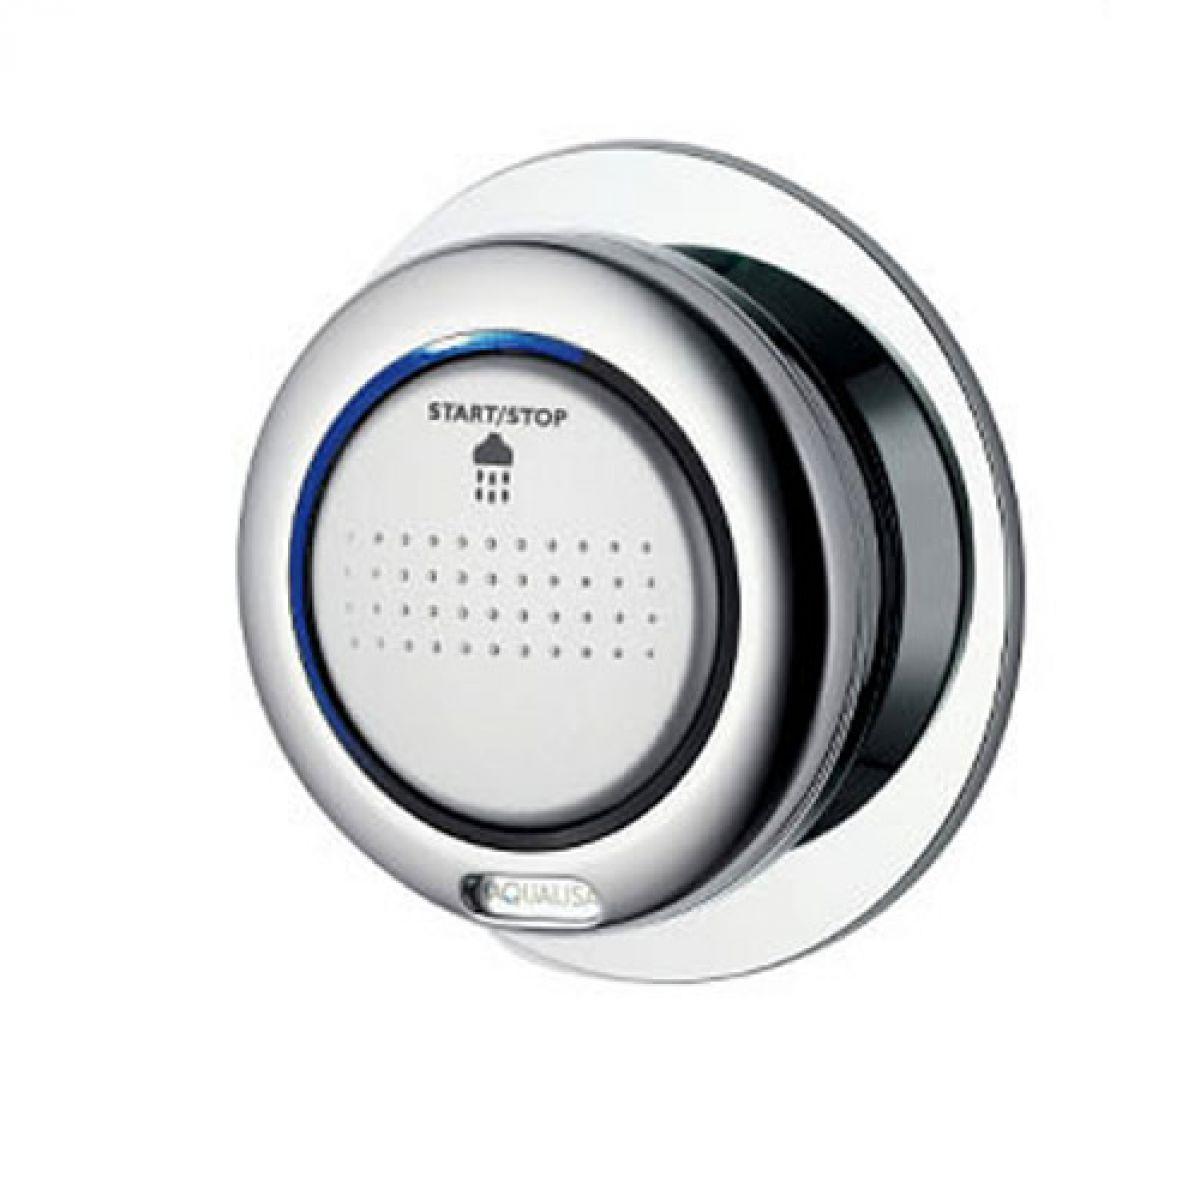 Aqualisa Quartz Digital >> Aqualisa Quartz Smart Digital Remote Control : UK Bathrooms